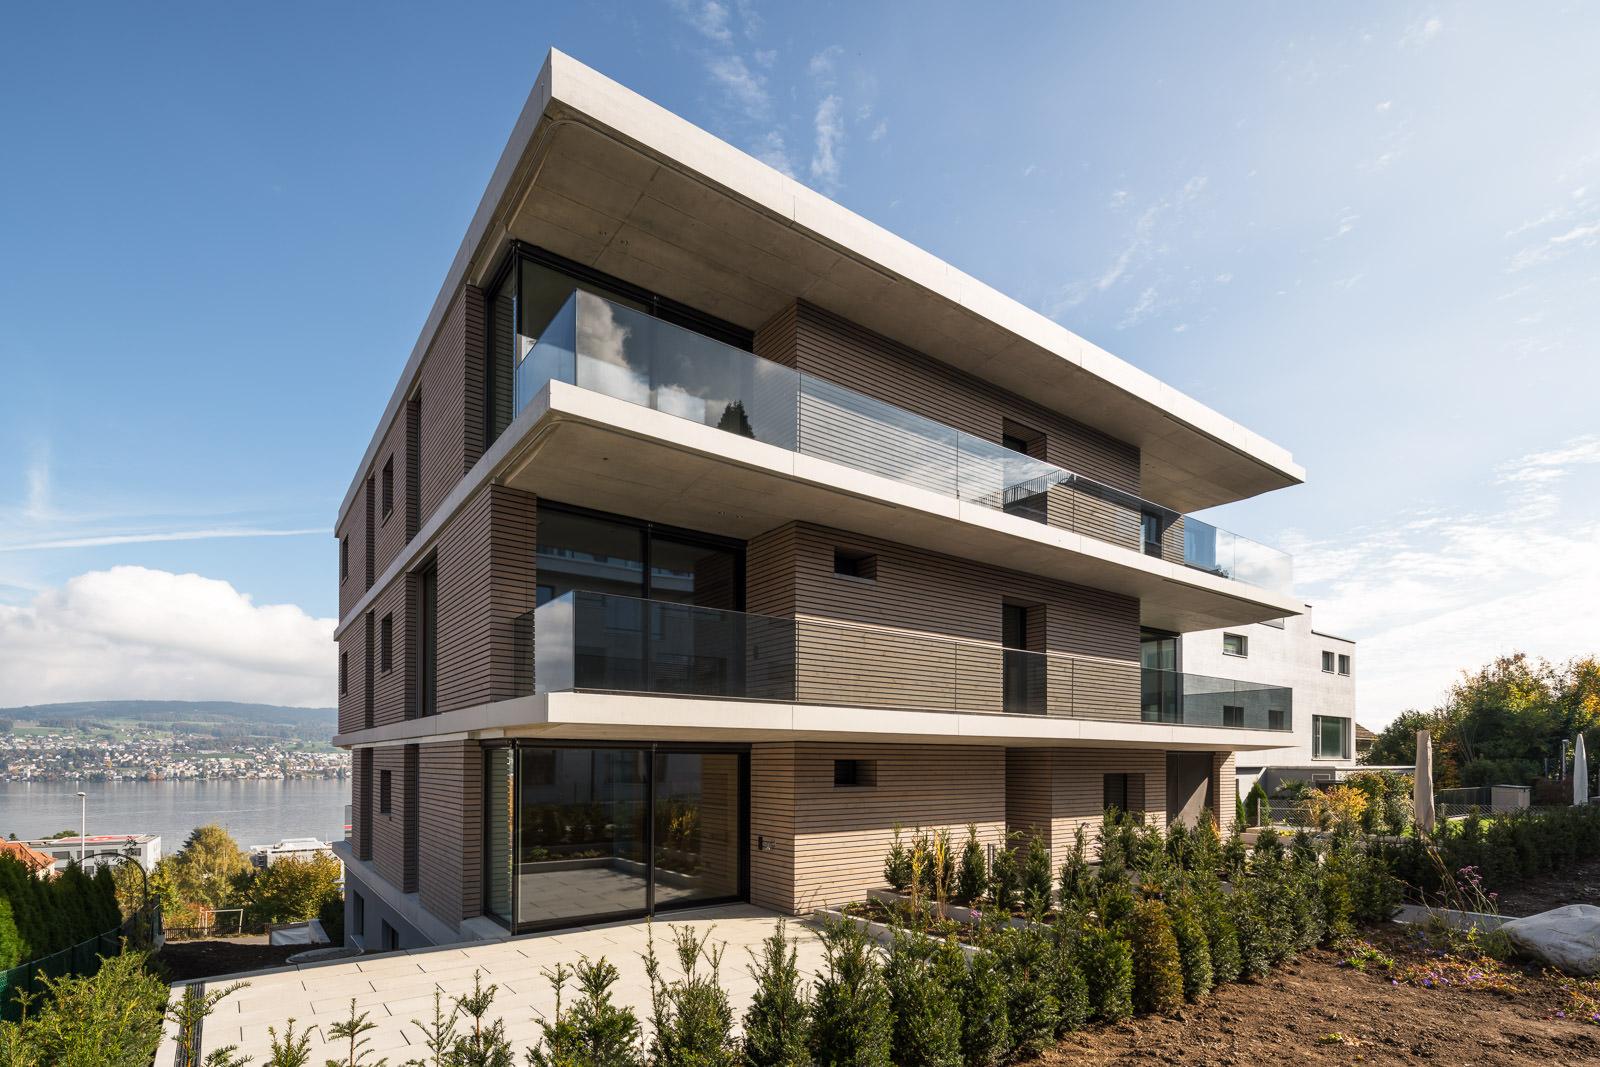 Architekturfotografie Immobilienfotografie Mehrfamilienhaus